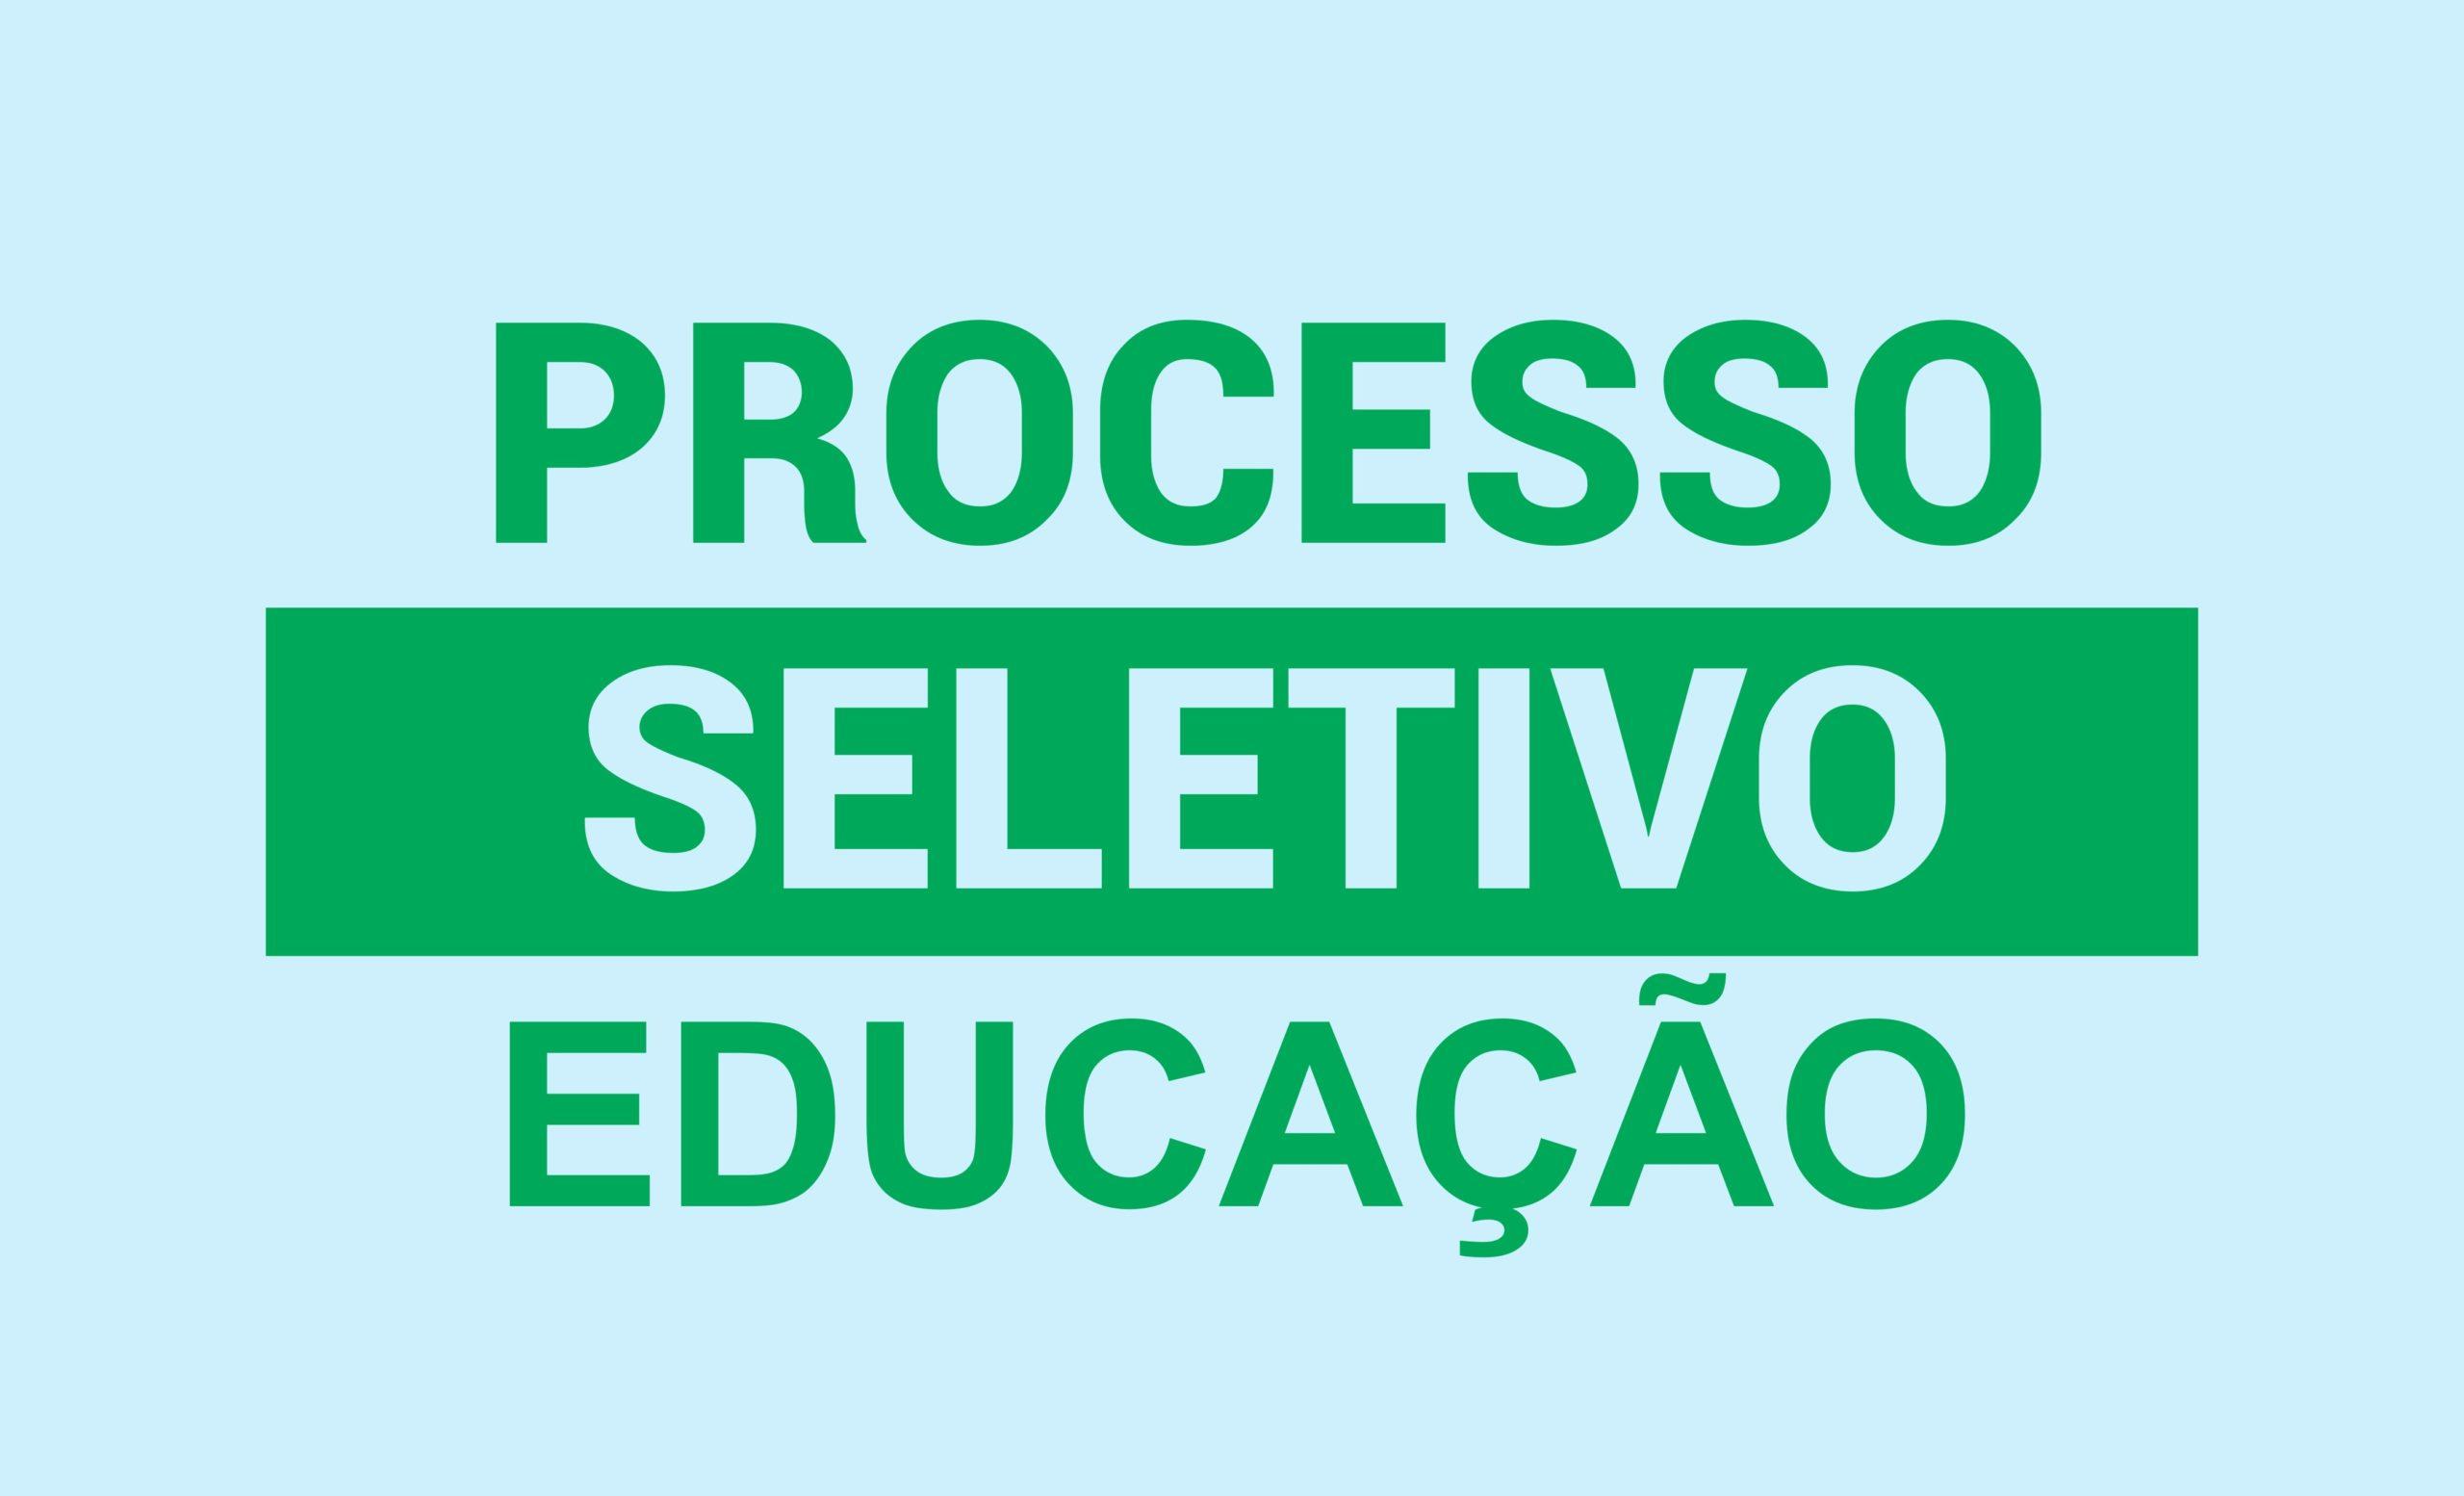 Processo Seletivo Educação